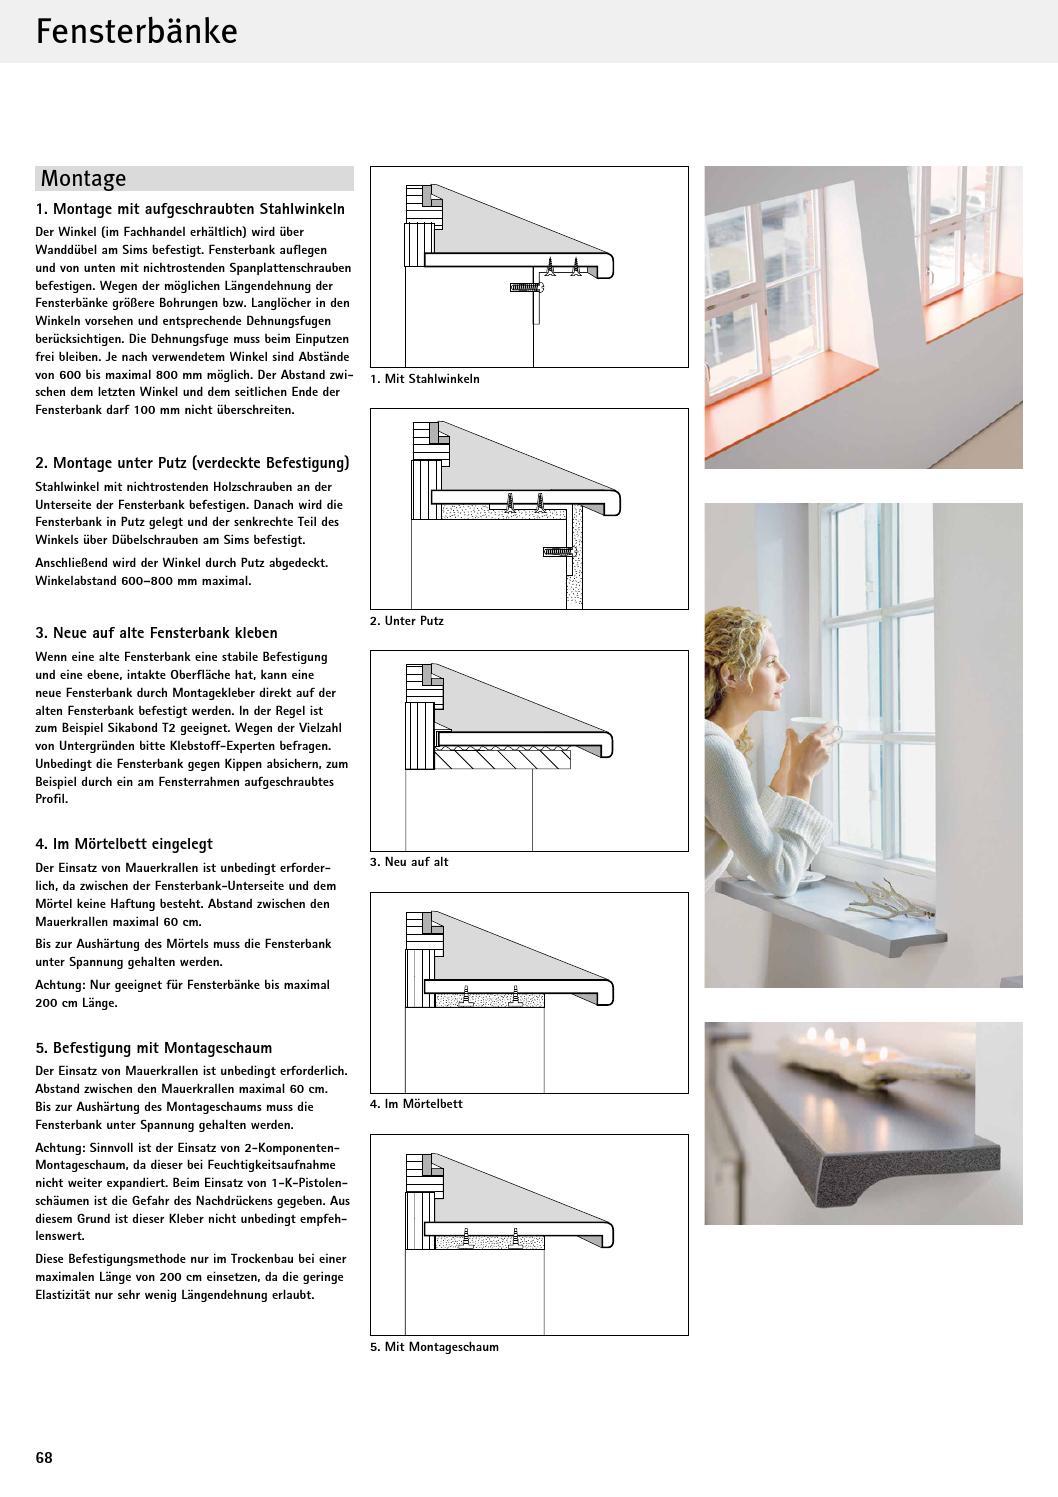 Hl Kompendium 2014 Tromsdorf By Kaiser Design Issuu